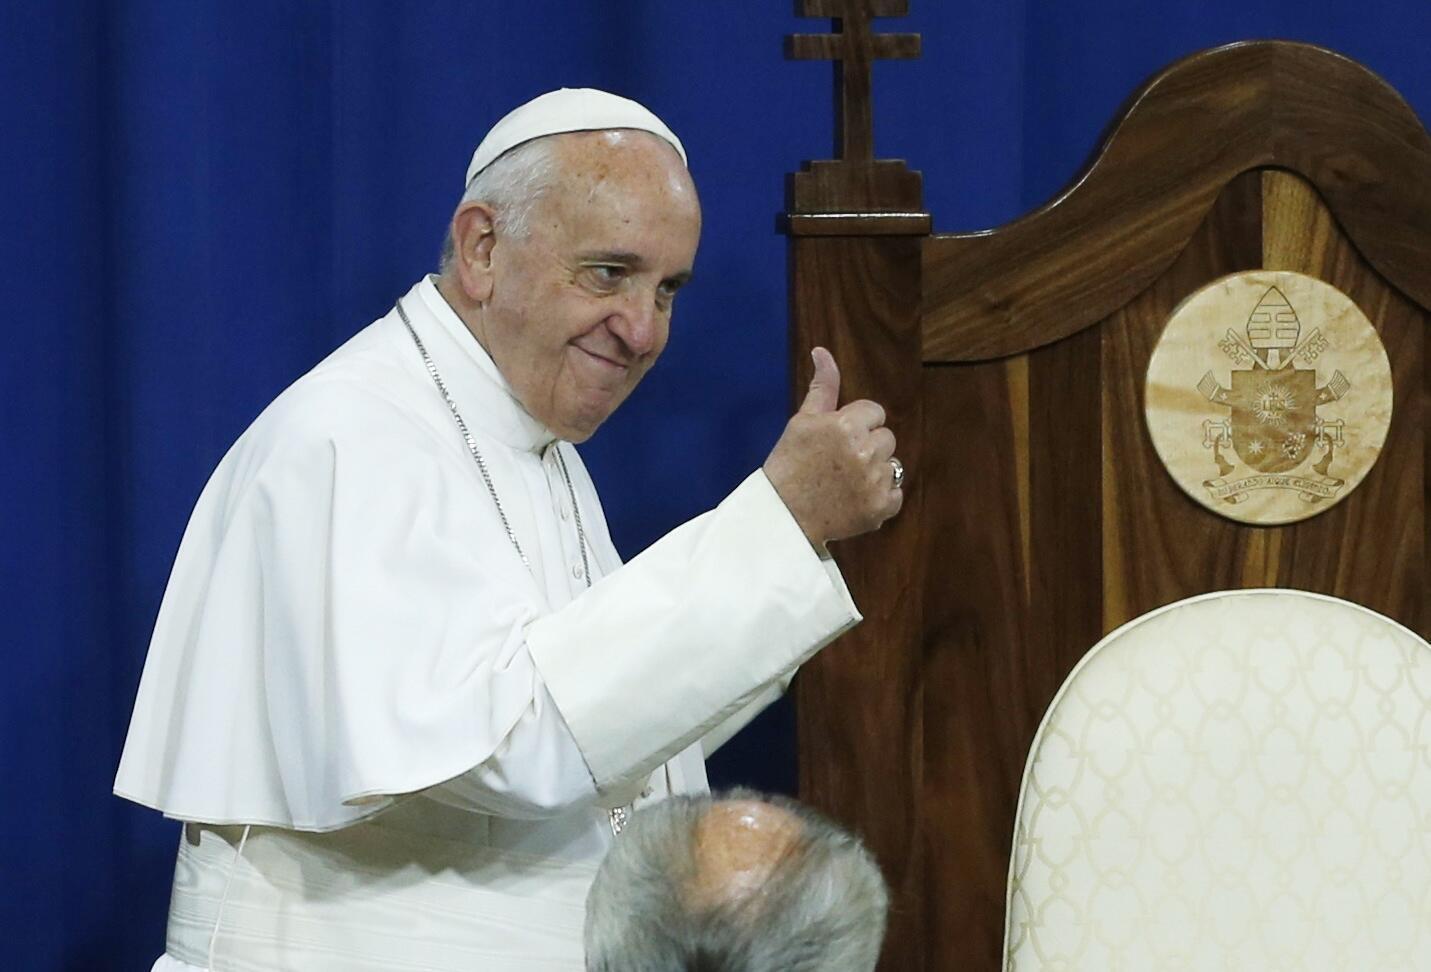 Đức Giáo hoàng Panxicô thăm một nhà tù ở Philadelphia, Hoa Kỳ. Ảnh ngày 27/09/2015.